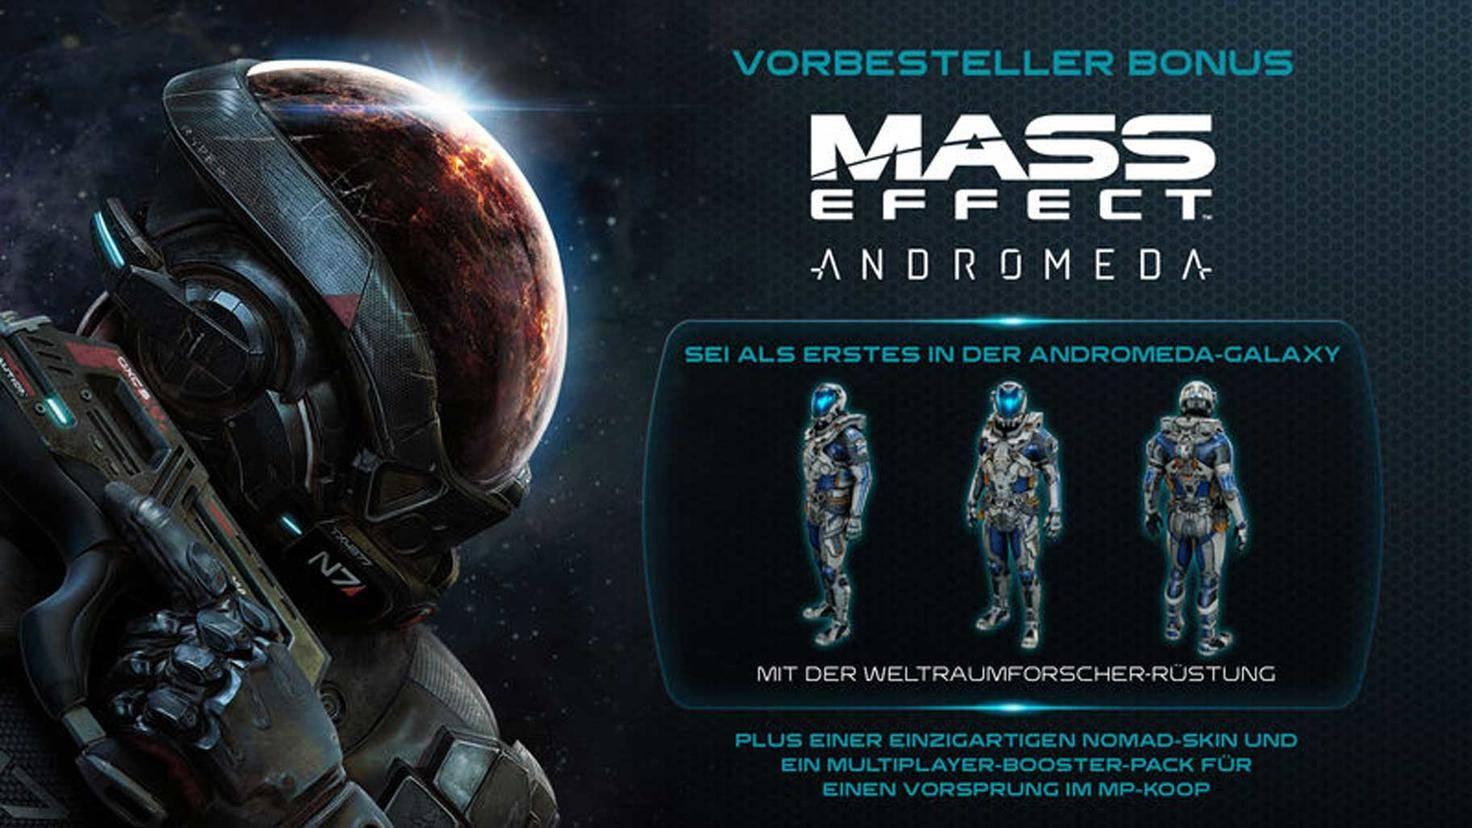 Mass-Effect-Andromeda-Vorbesteller-Boni